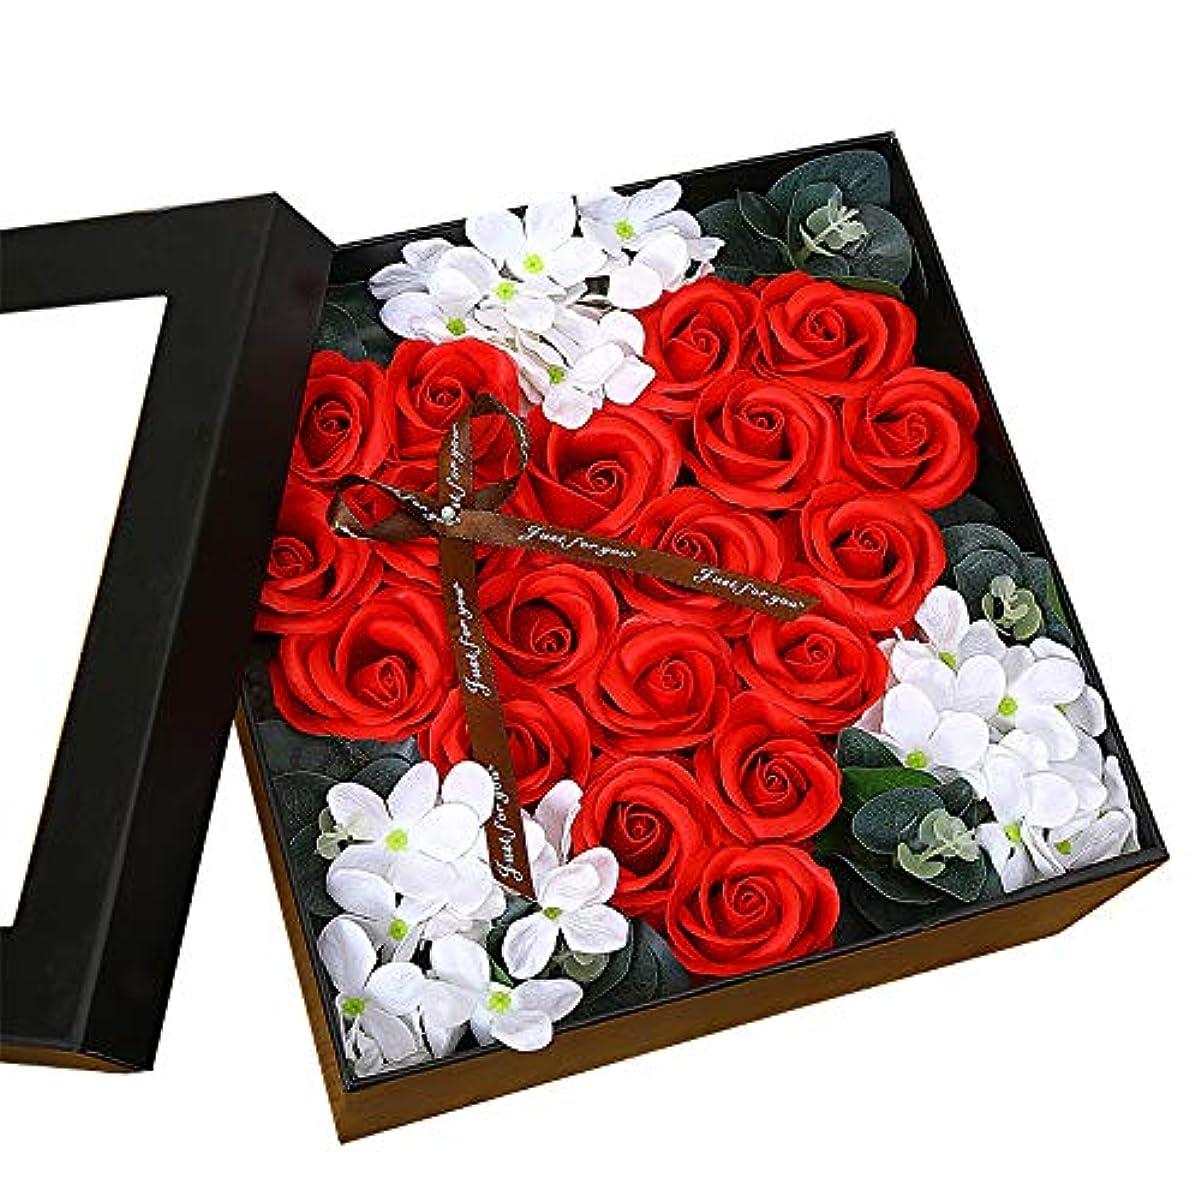 トレーニング事業内容ファックス生地と花石鹸の花 ギフトソープフラワーローズフラワーバレンタインデーのために不可欠ガールフレンド記念日誕生日母の日 (色 : Red square box)